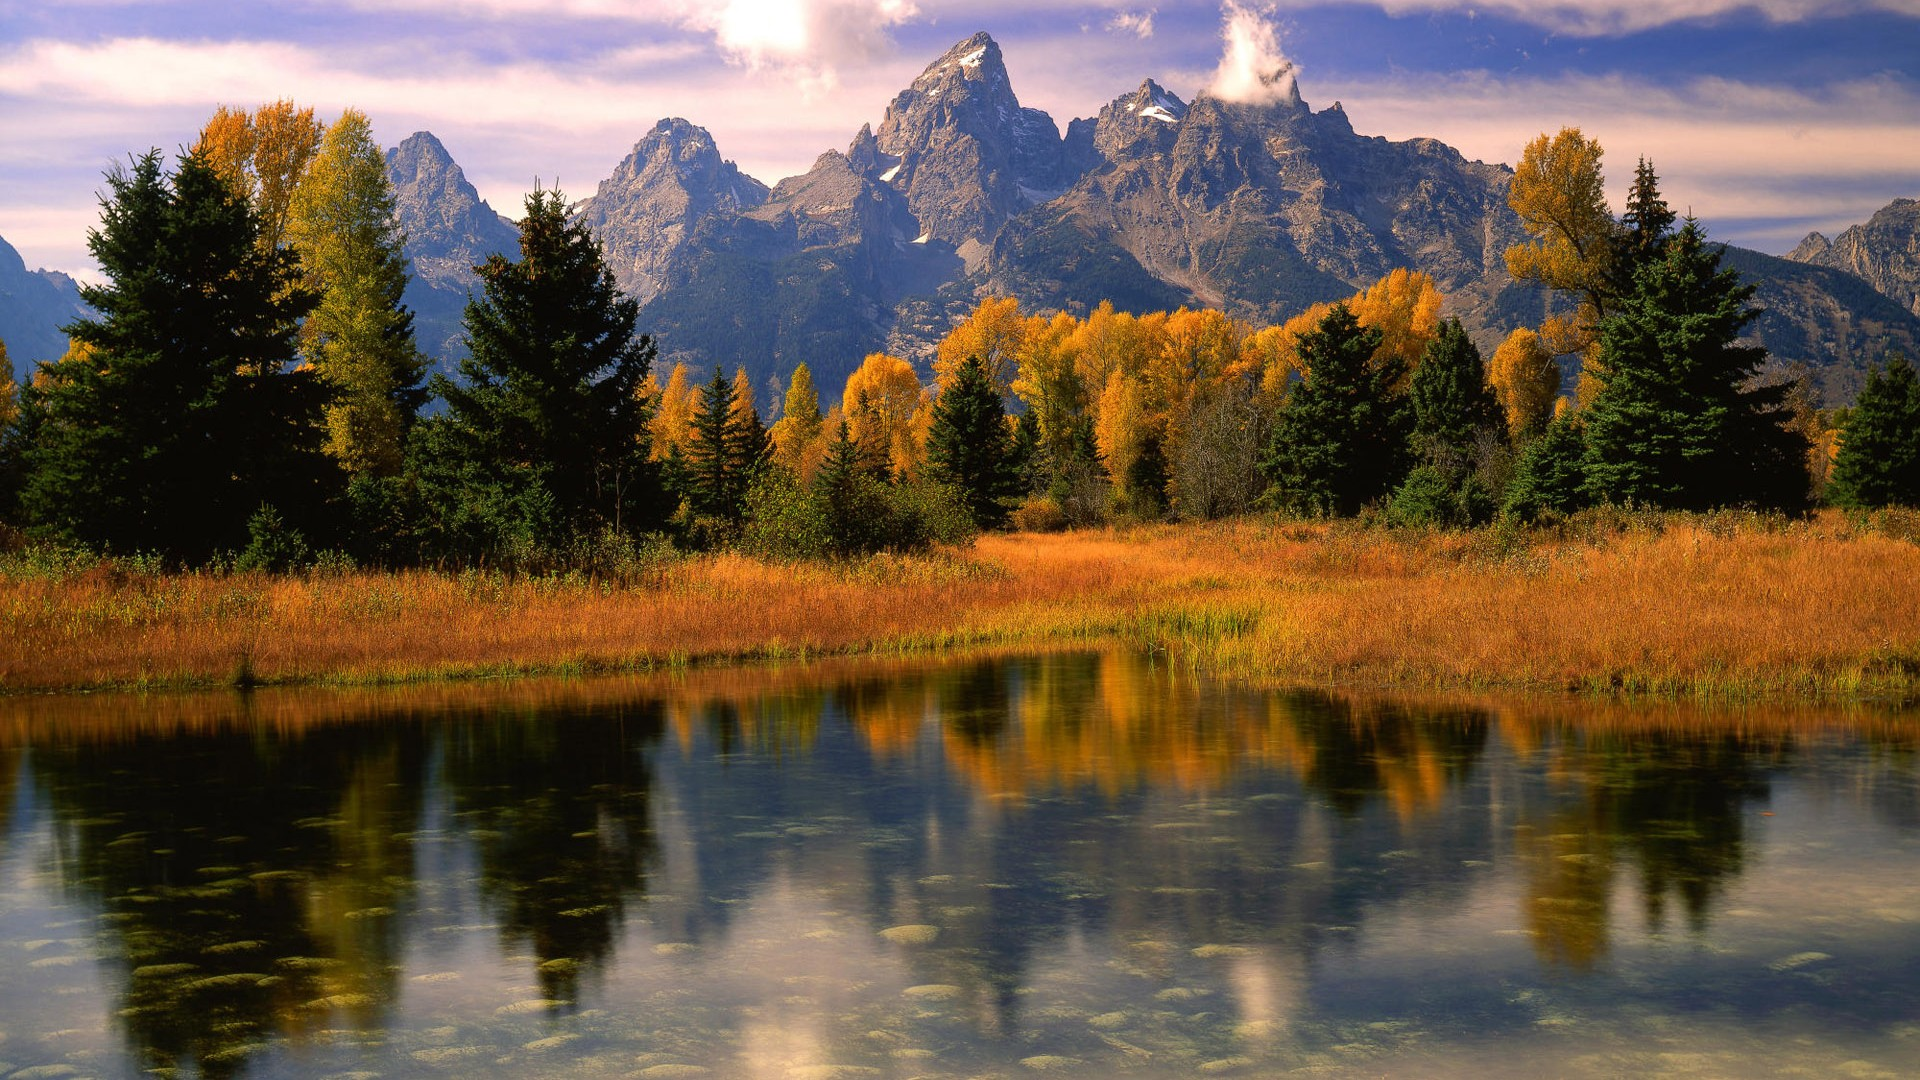 山水如画风景高清桌面壁纸